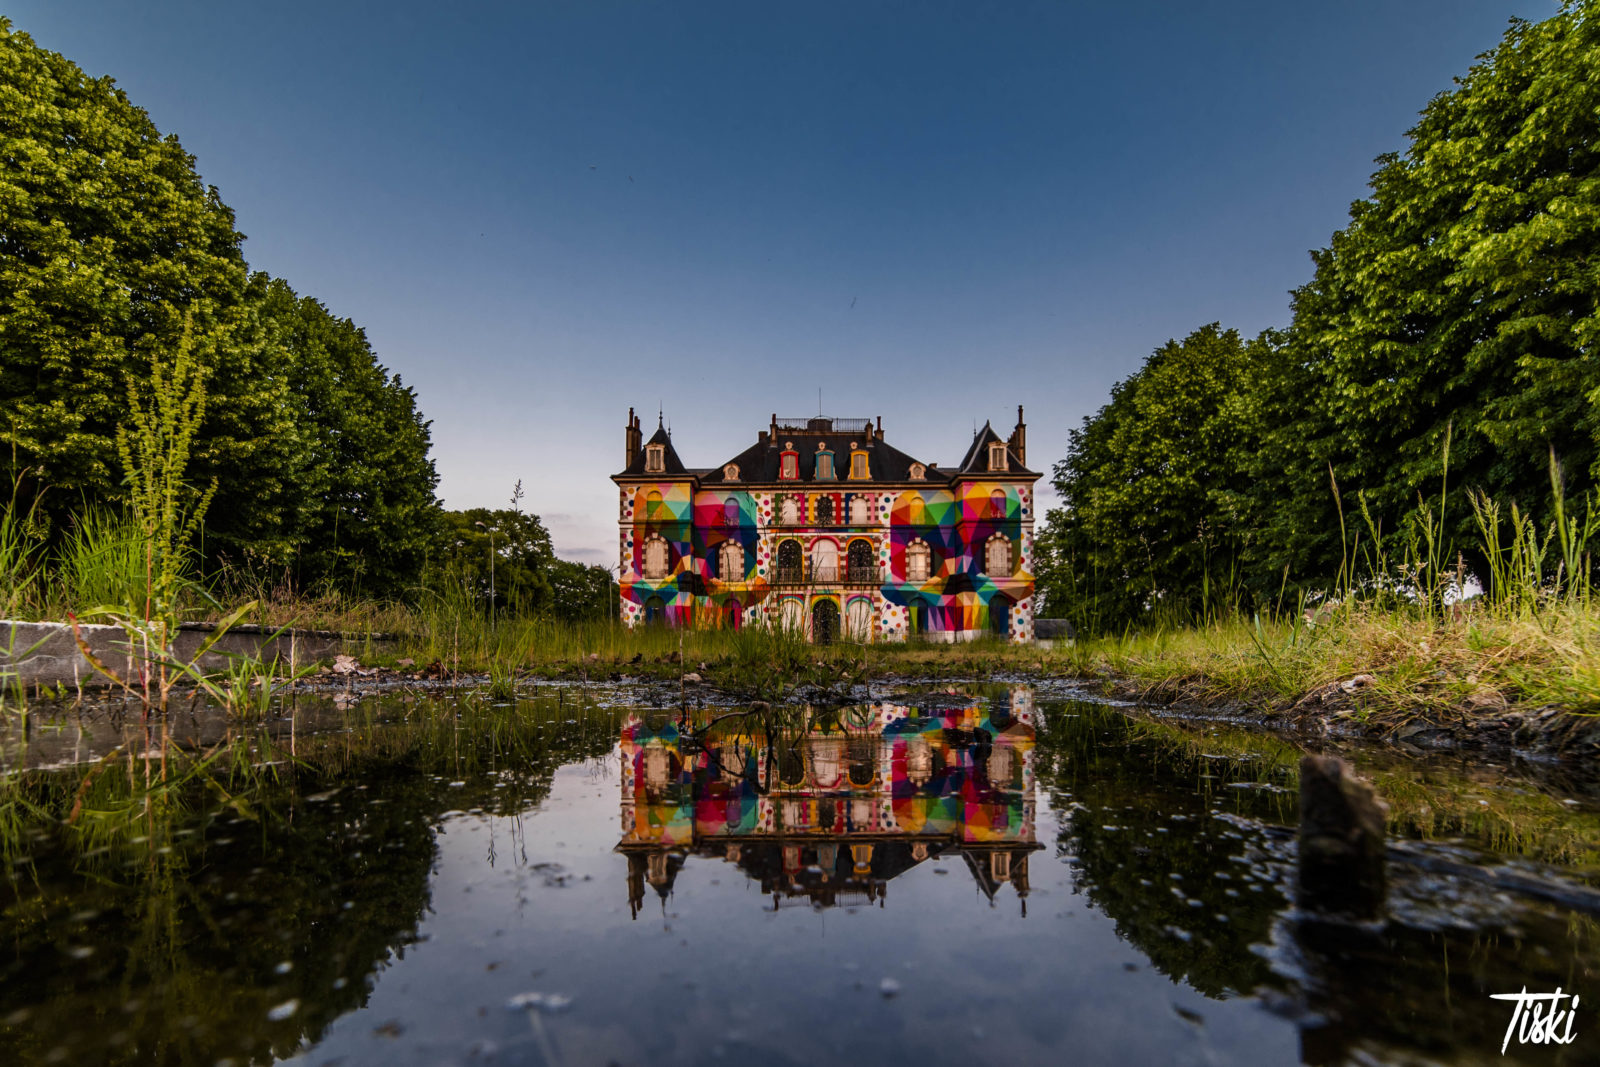 LaBel Valette Fest domaine chateau facade okuda couleurs - LaBel Valette Fest : l'art et les cultures urbaines font revivre un château abandonné